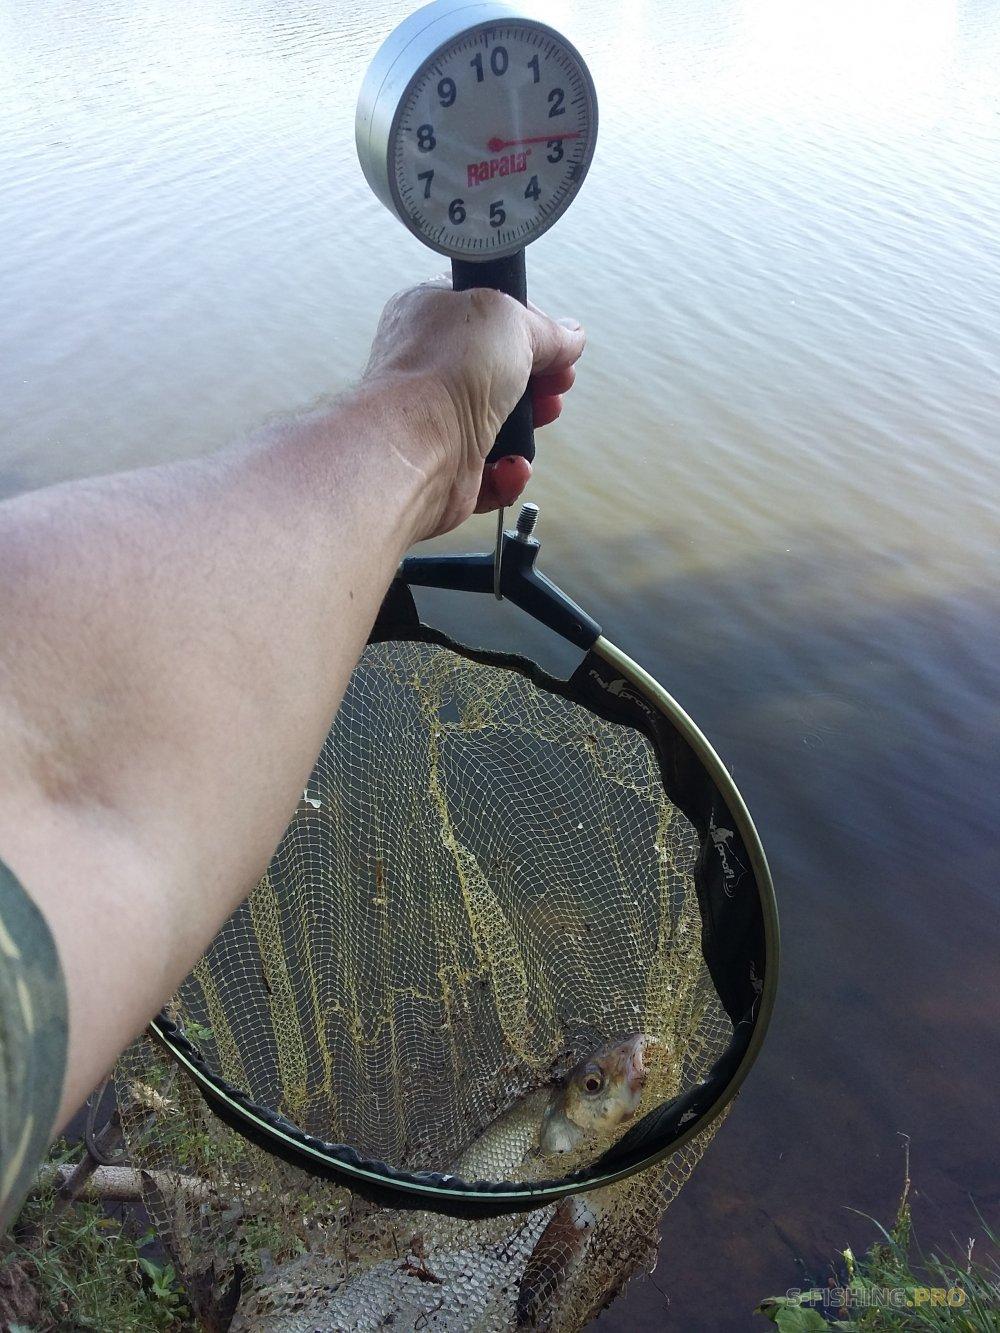 Отчеты с водоемов: Избиение сопливых